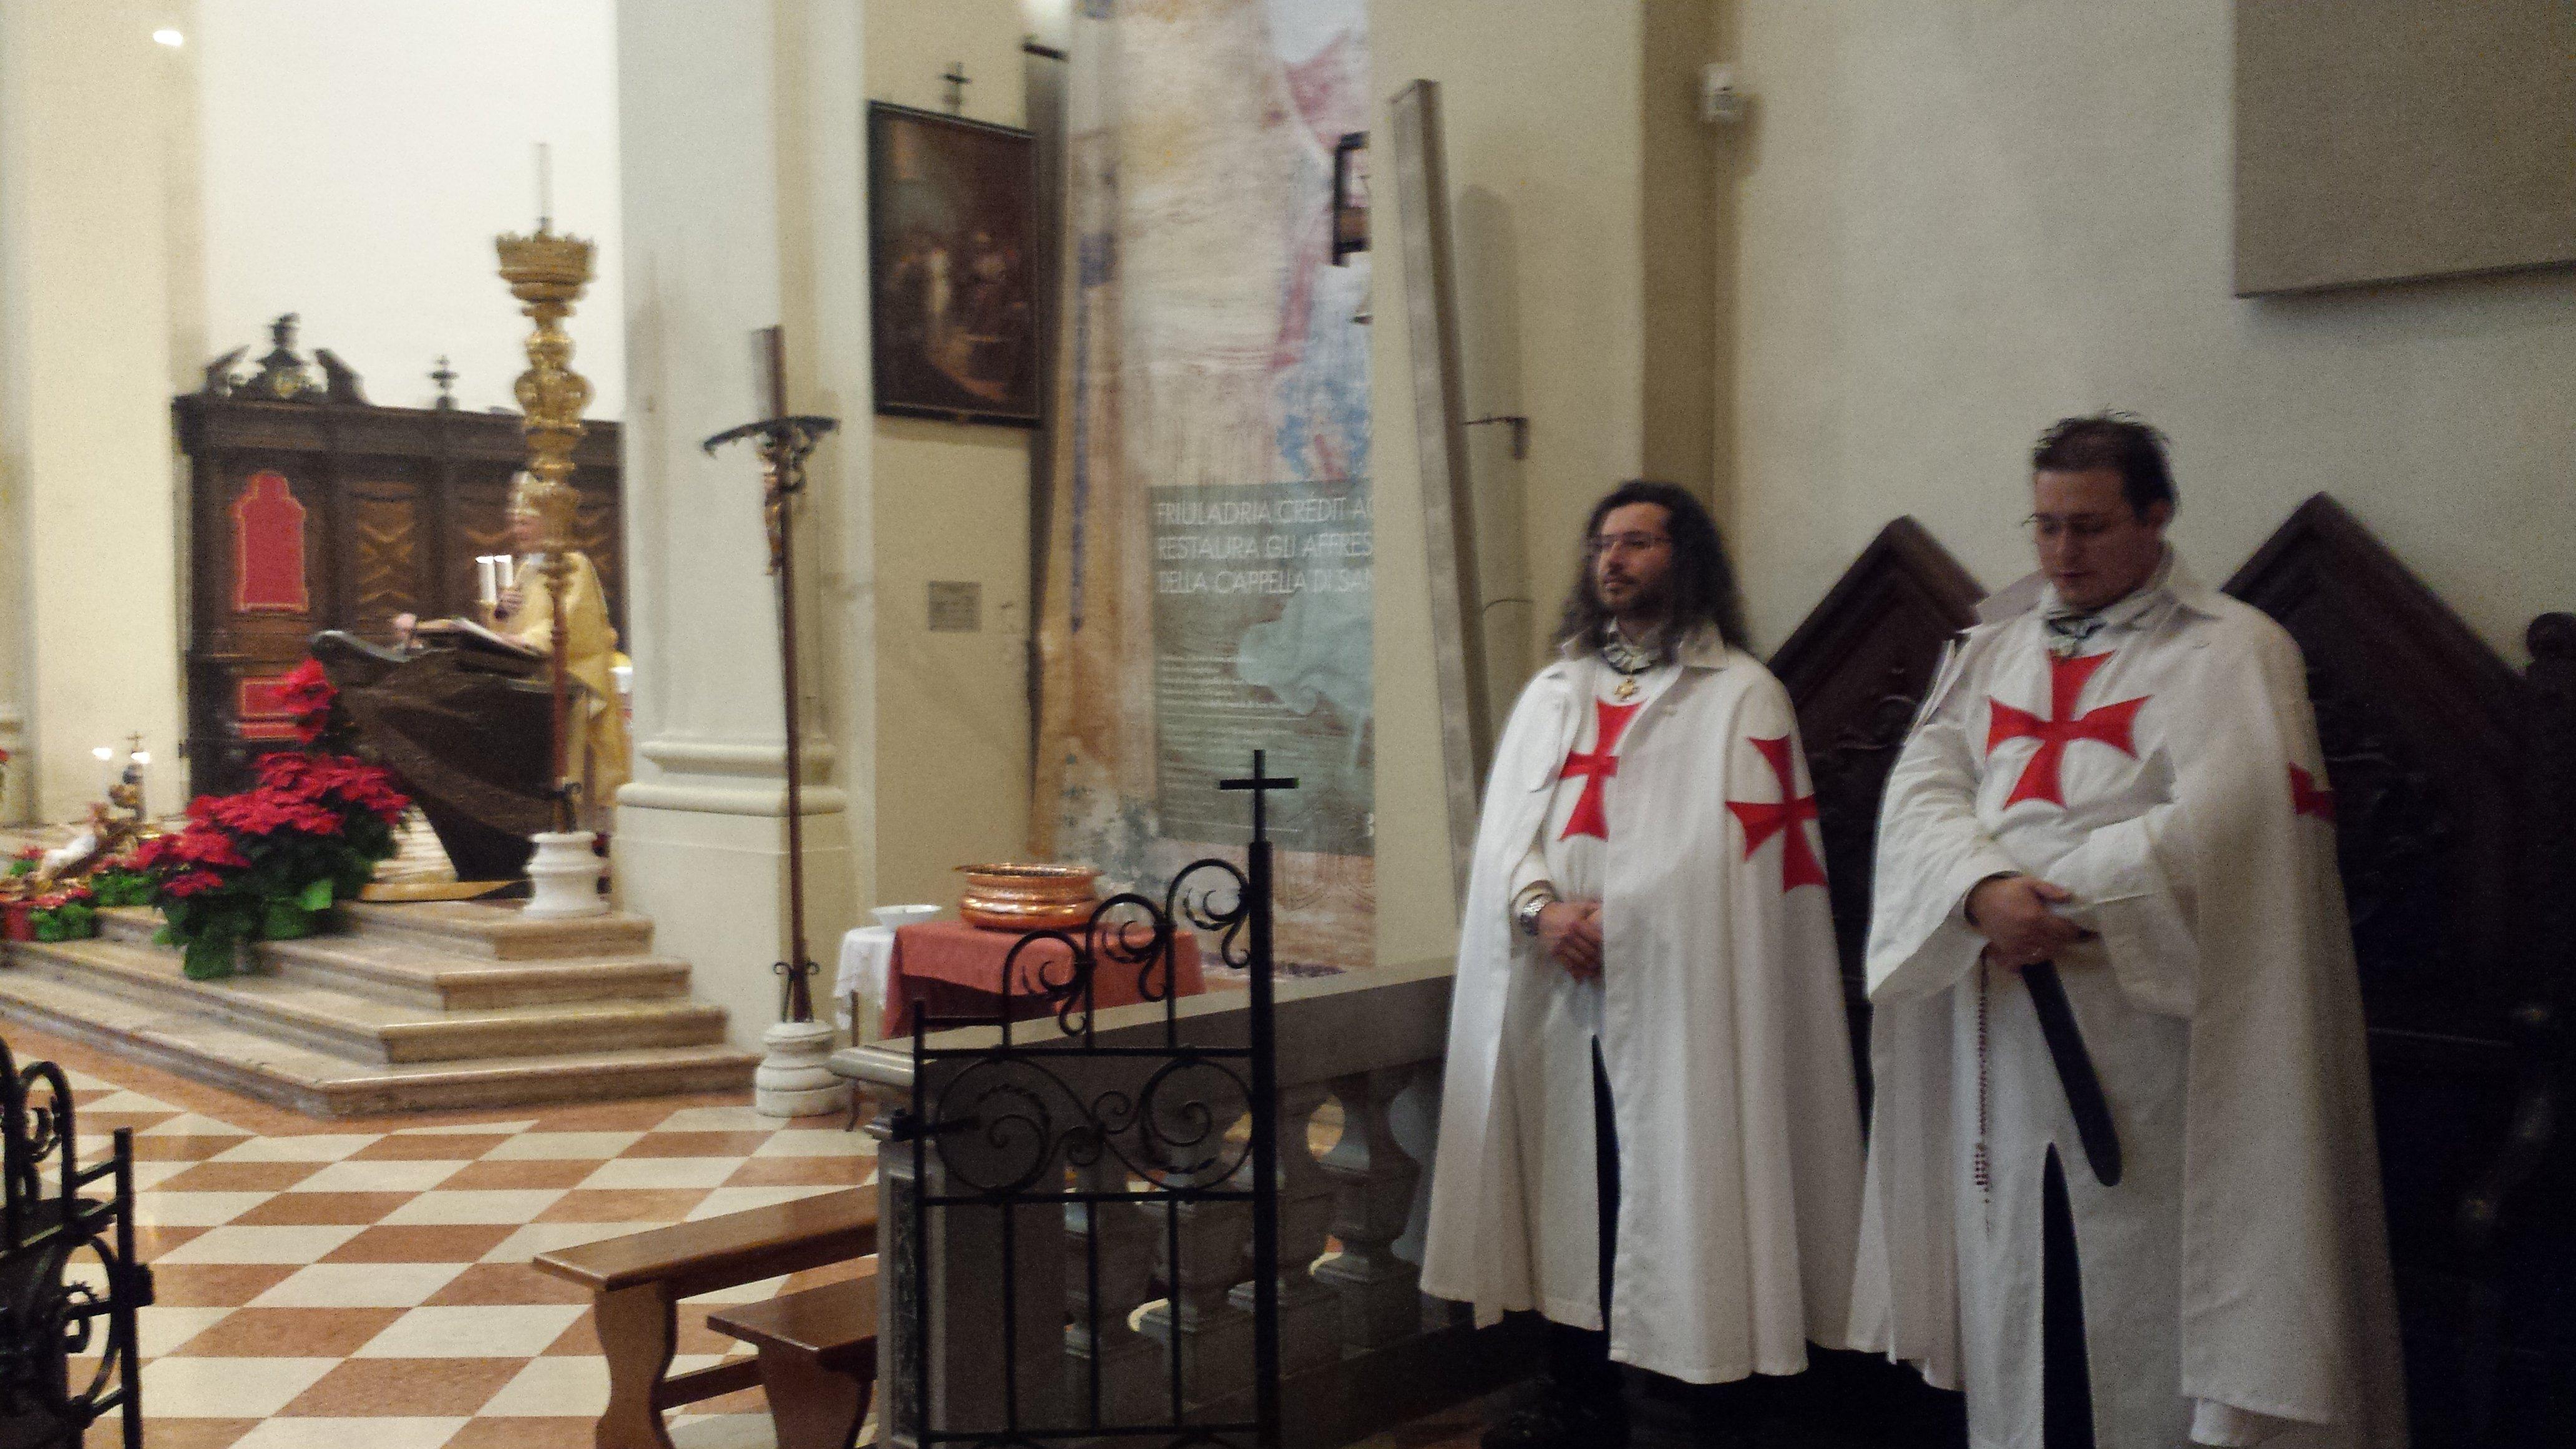 Templari oggi a Pordenone, vescovo Pellegrini